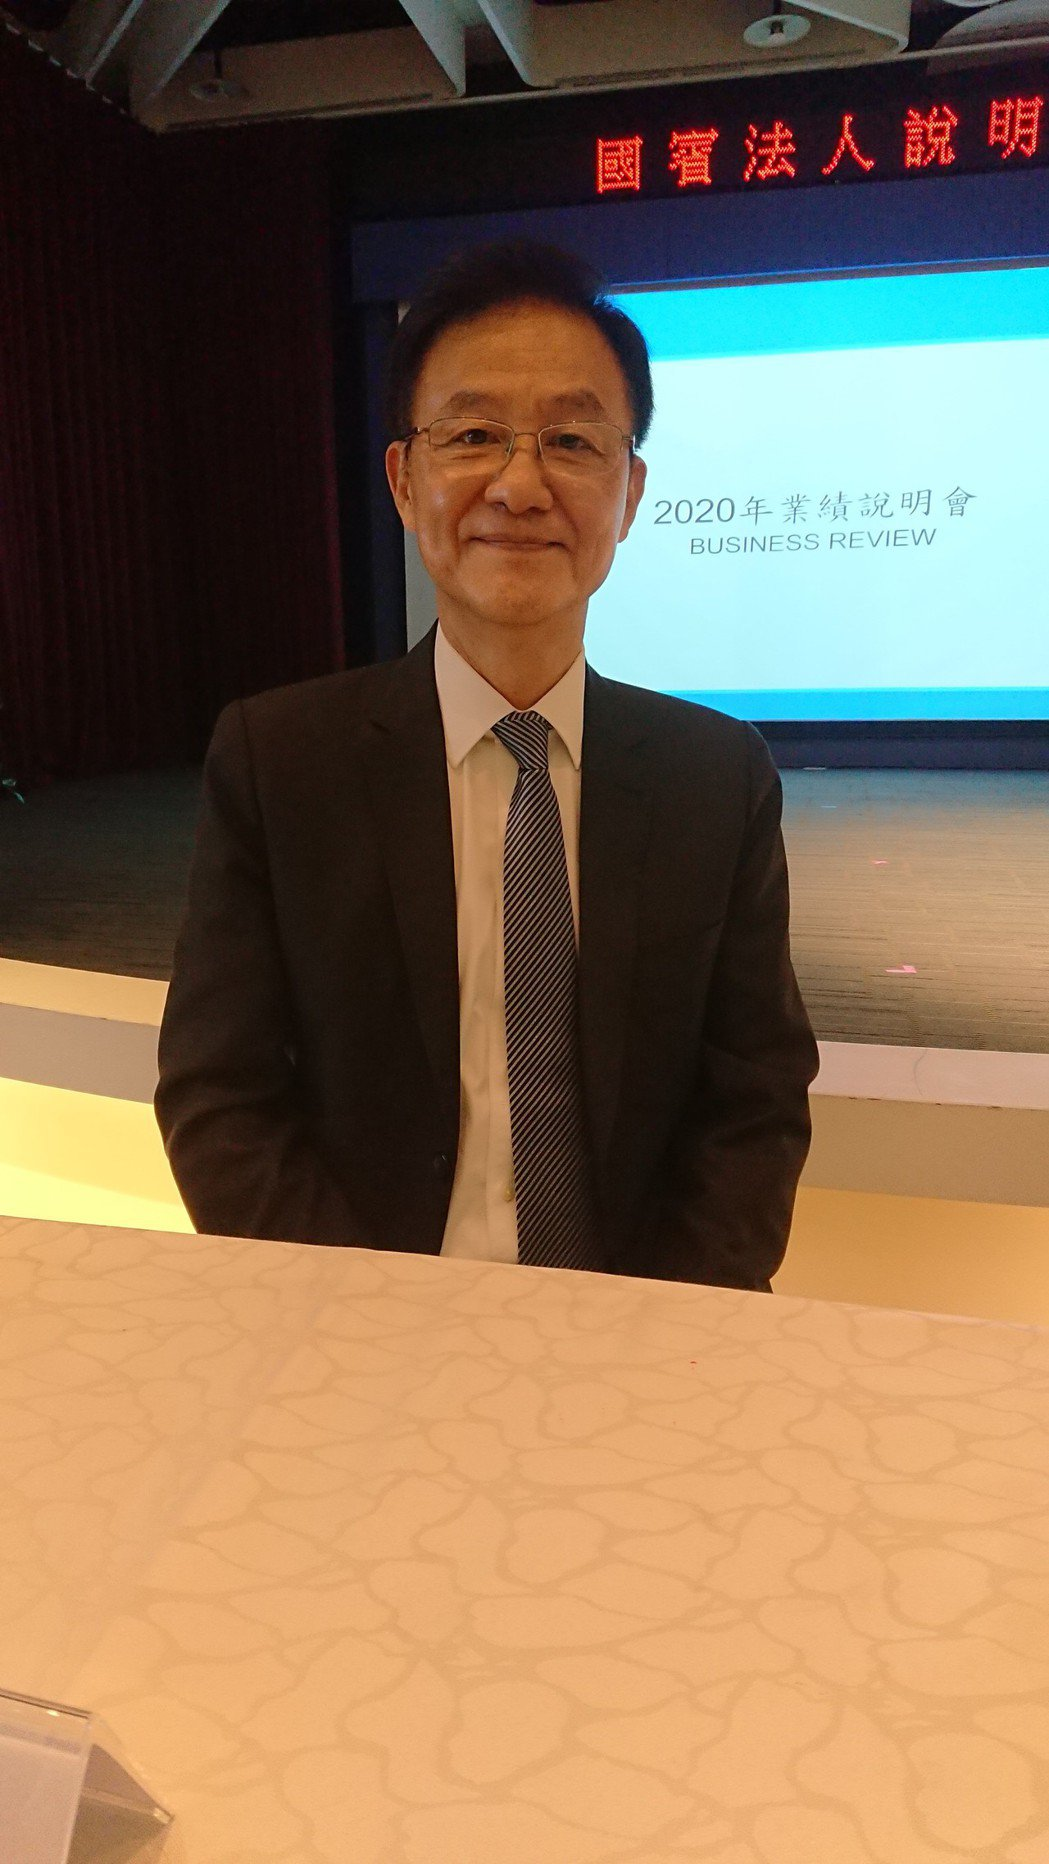 士電總經理謝漢章今(31)日在法說會上表示,今年受疫情影響,造成工具機產業訂單抽...